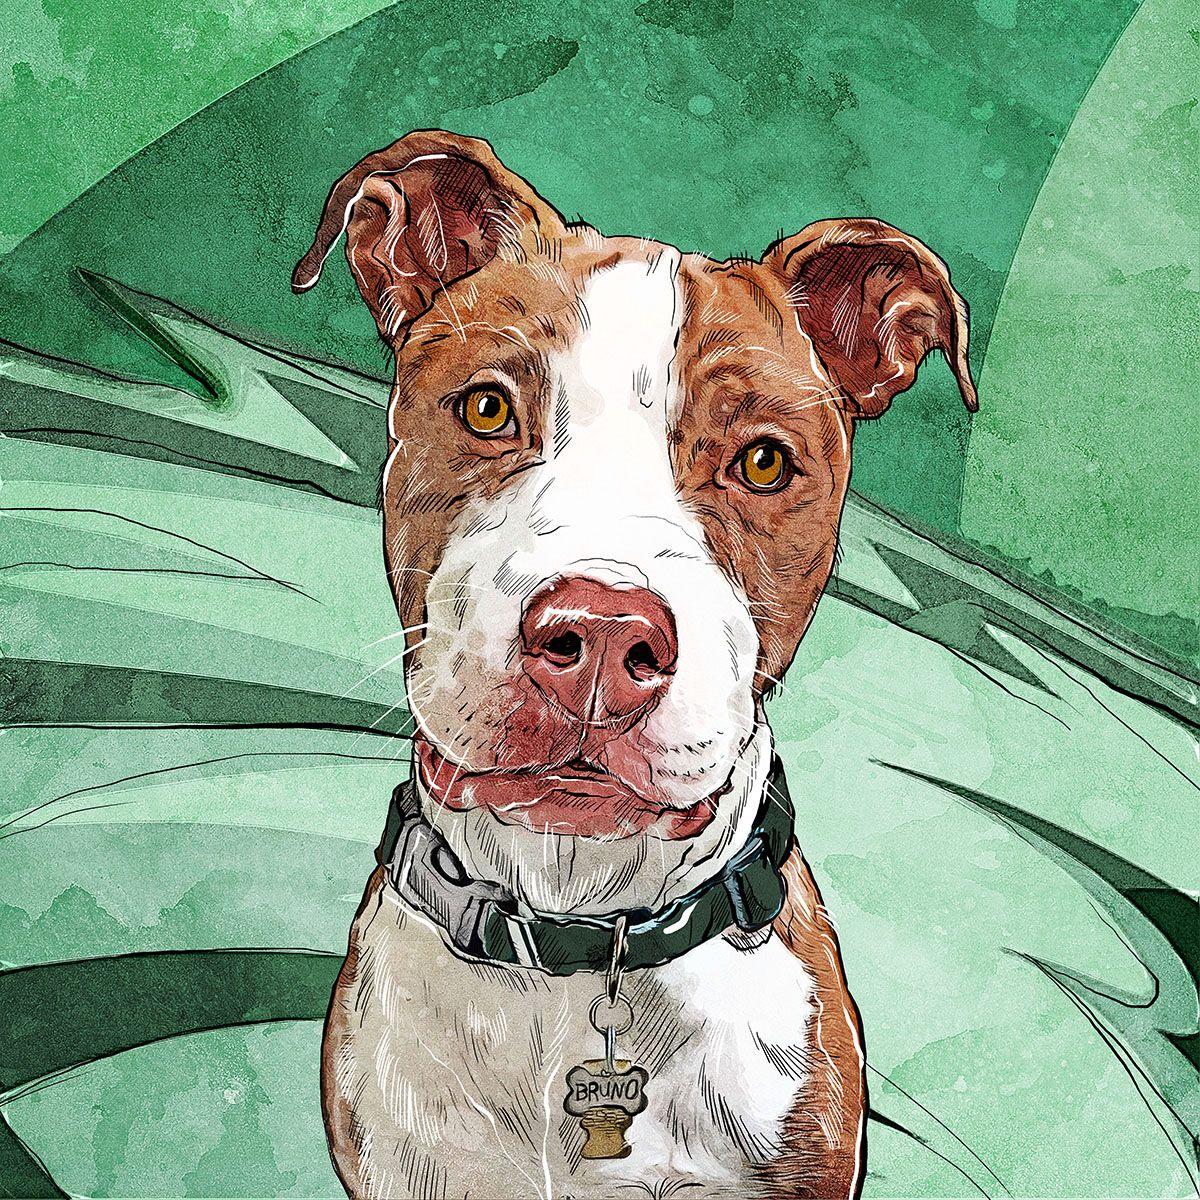 Pit Bull Art Pet Portrait Pet Portrait Artist Art Prints Pit Bull Pit Bull Painting Art Dog Art Colorful Pet Portrait DawgArt